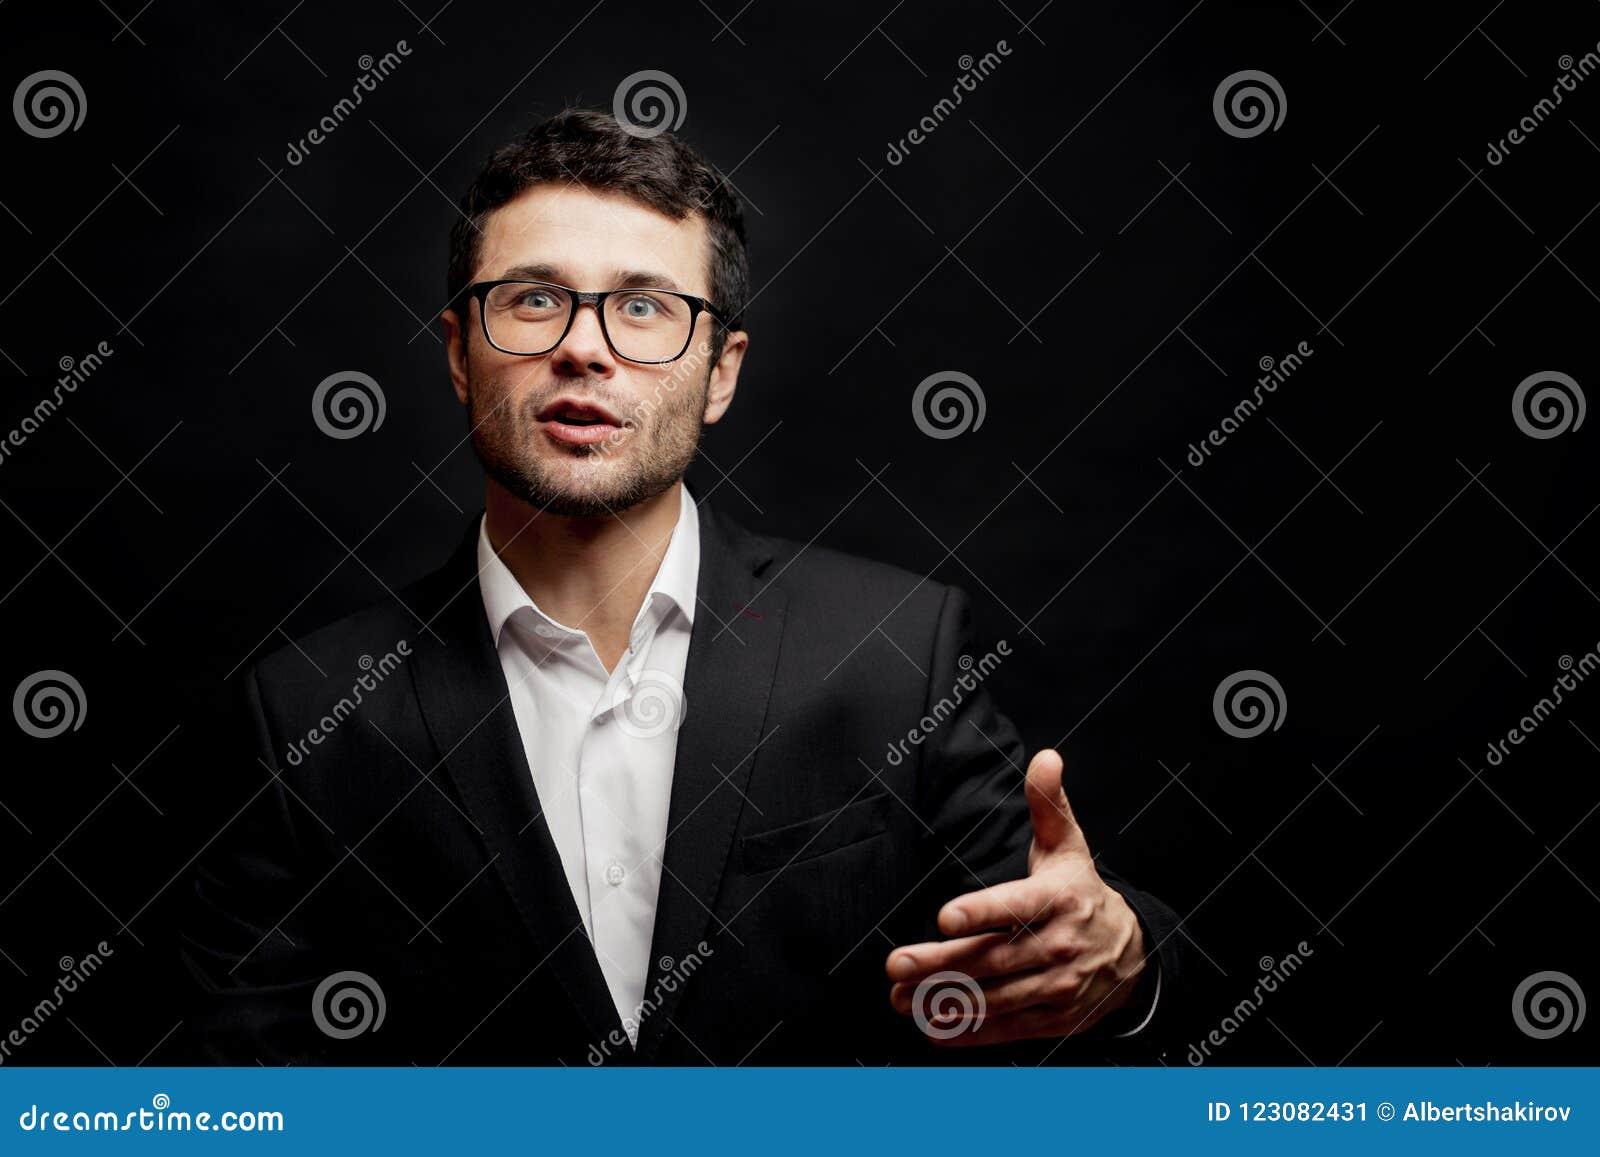 El hombre listo joven está discutiendo lógicamente hombre lindo con un tema de conversación potente